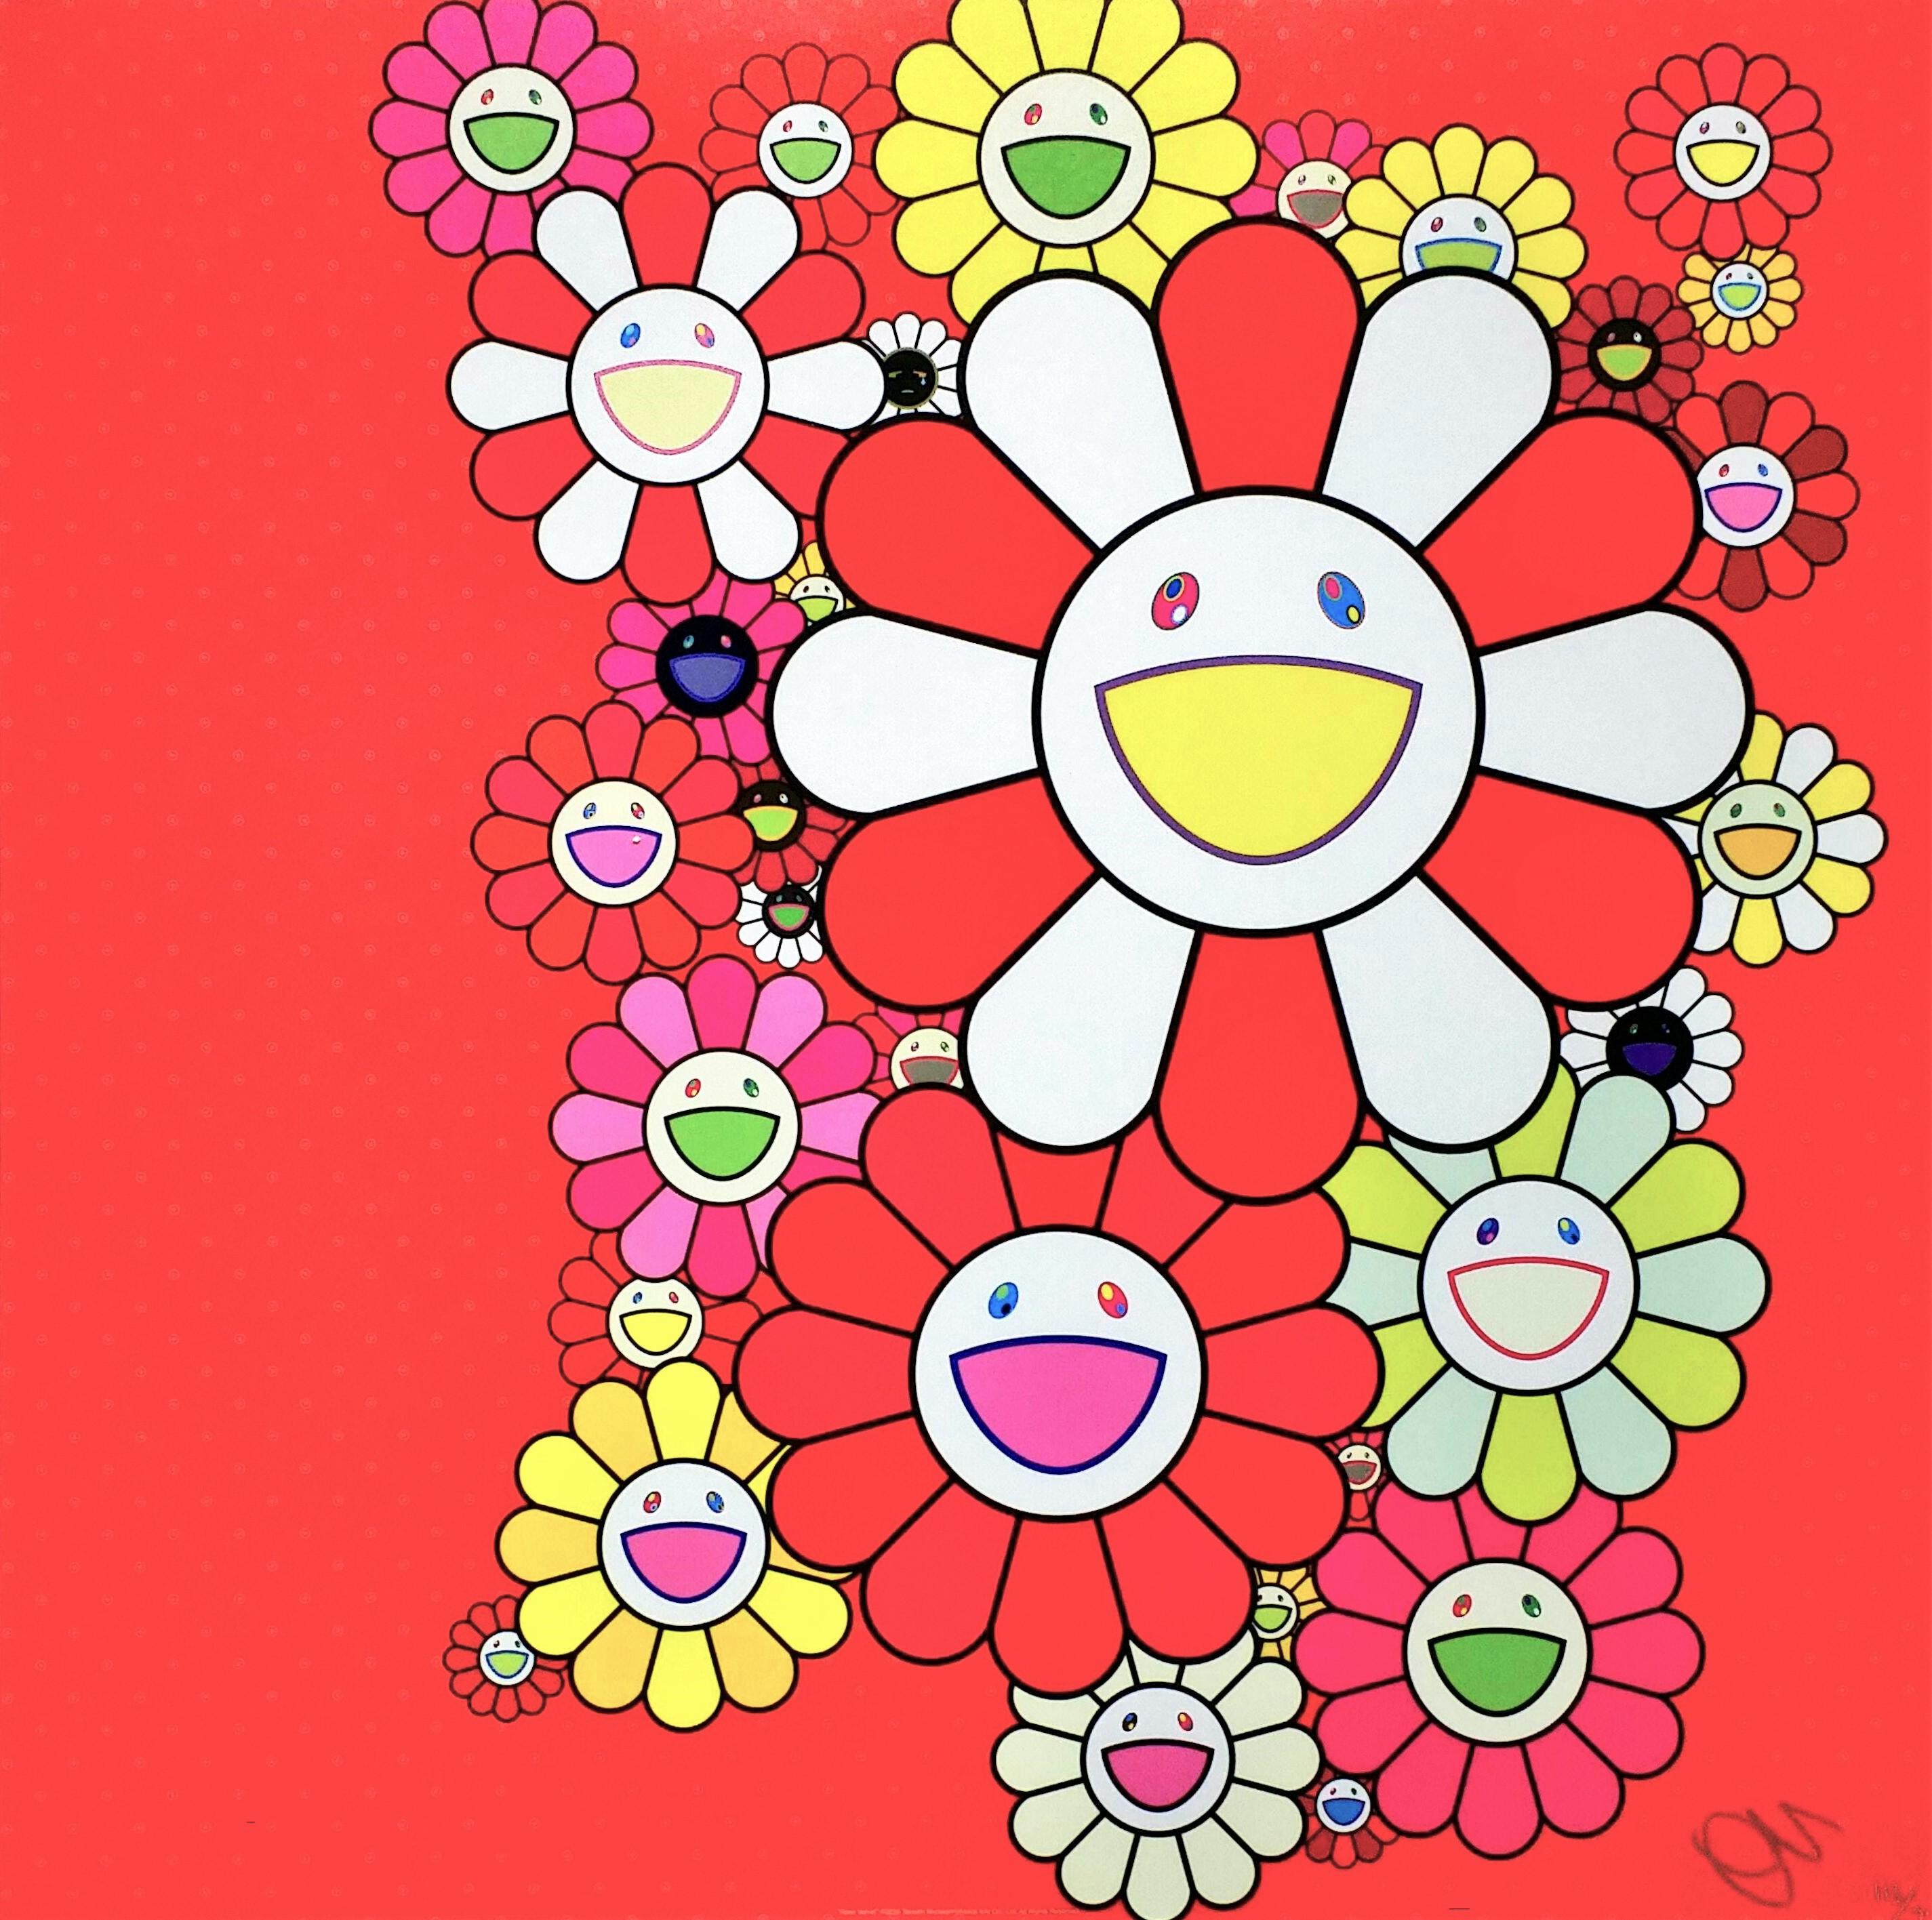 Rose-Velvet」オフセットリトグラフ58.3×58.3cm1.jpg